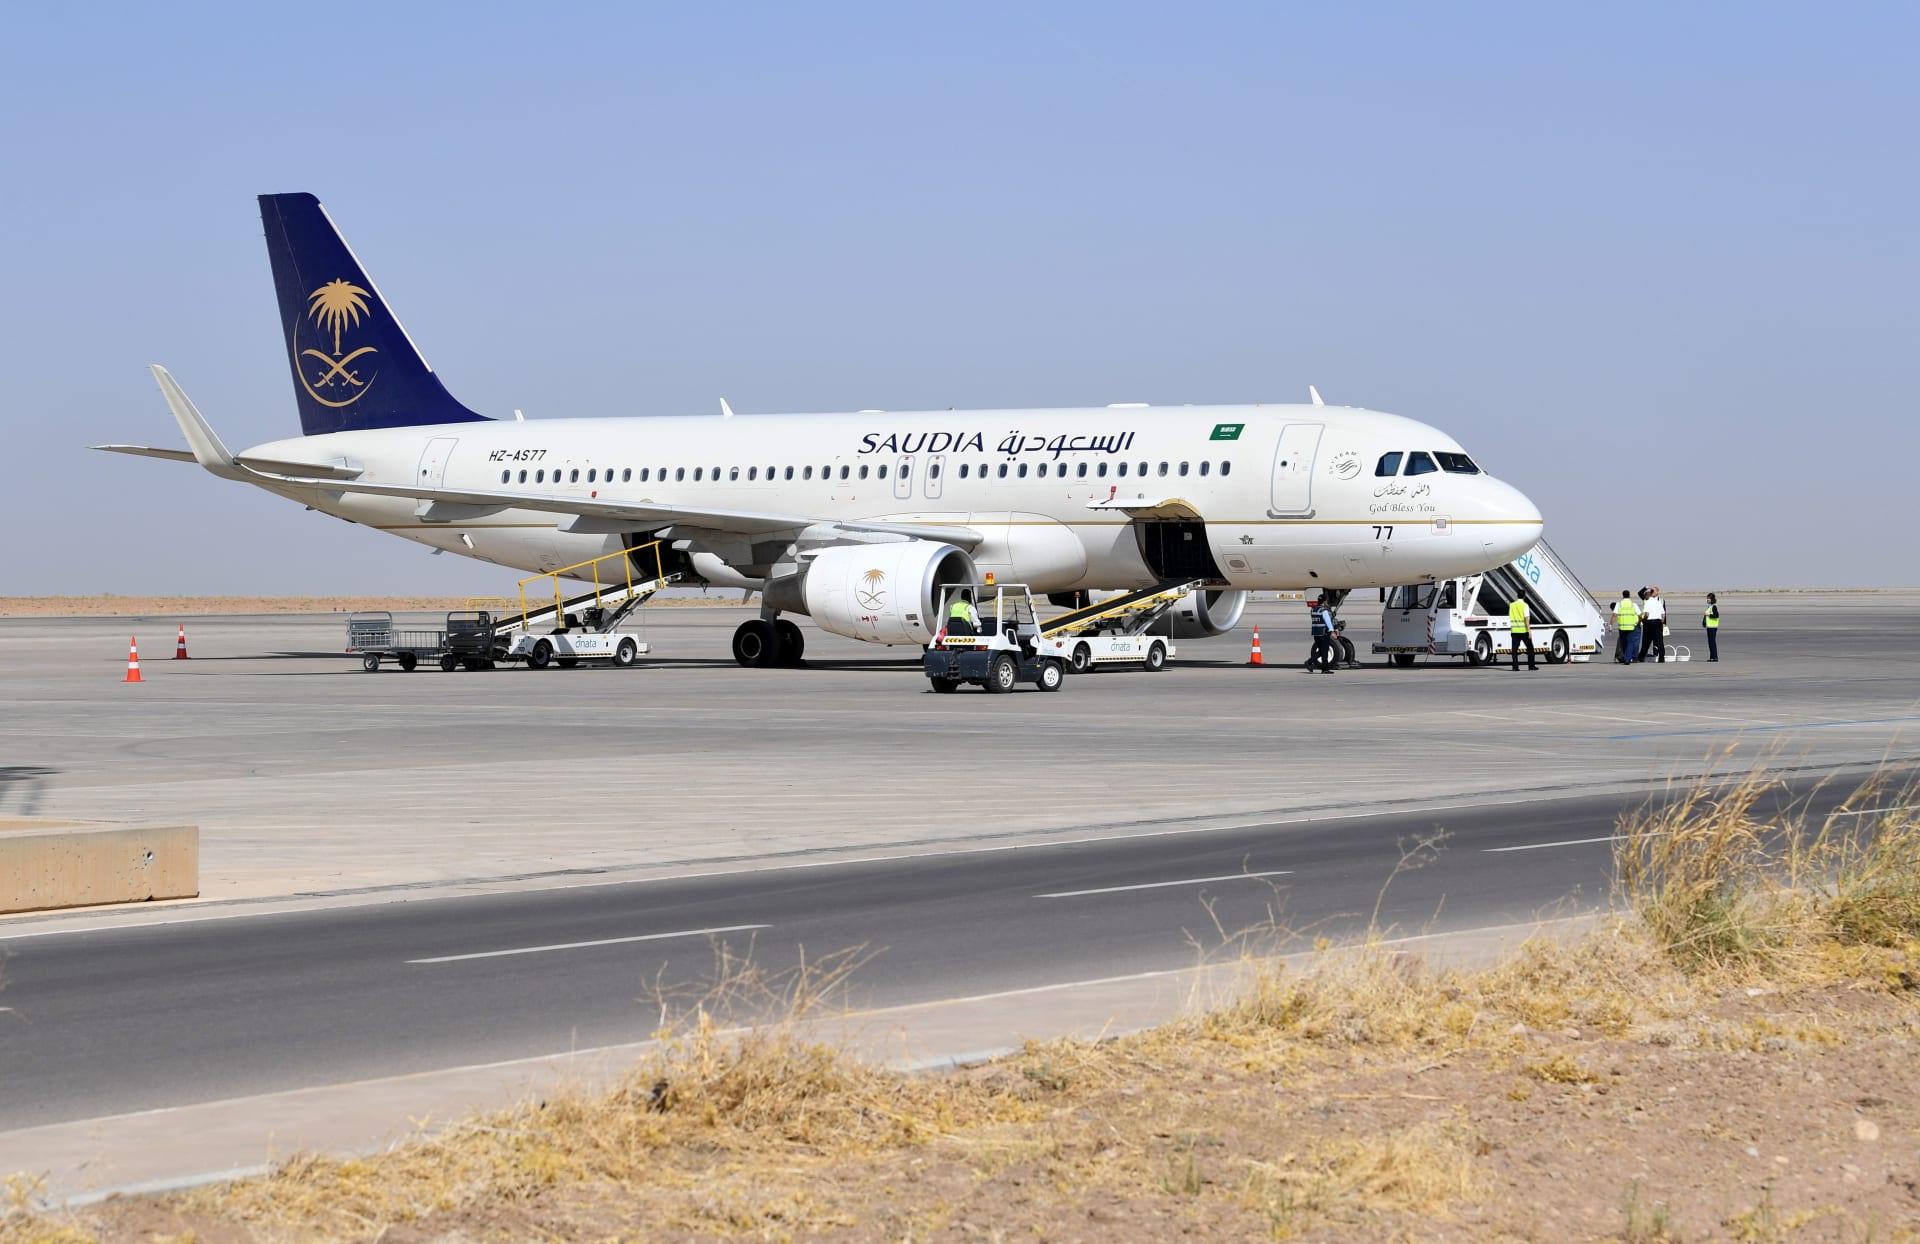 بأمر ملكي.. إعفاء رئيس الهيئة العامة للطيران المدني في السعودية